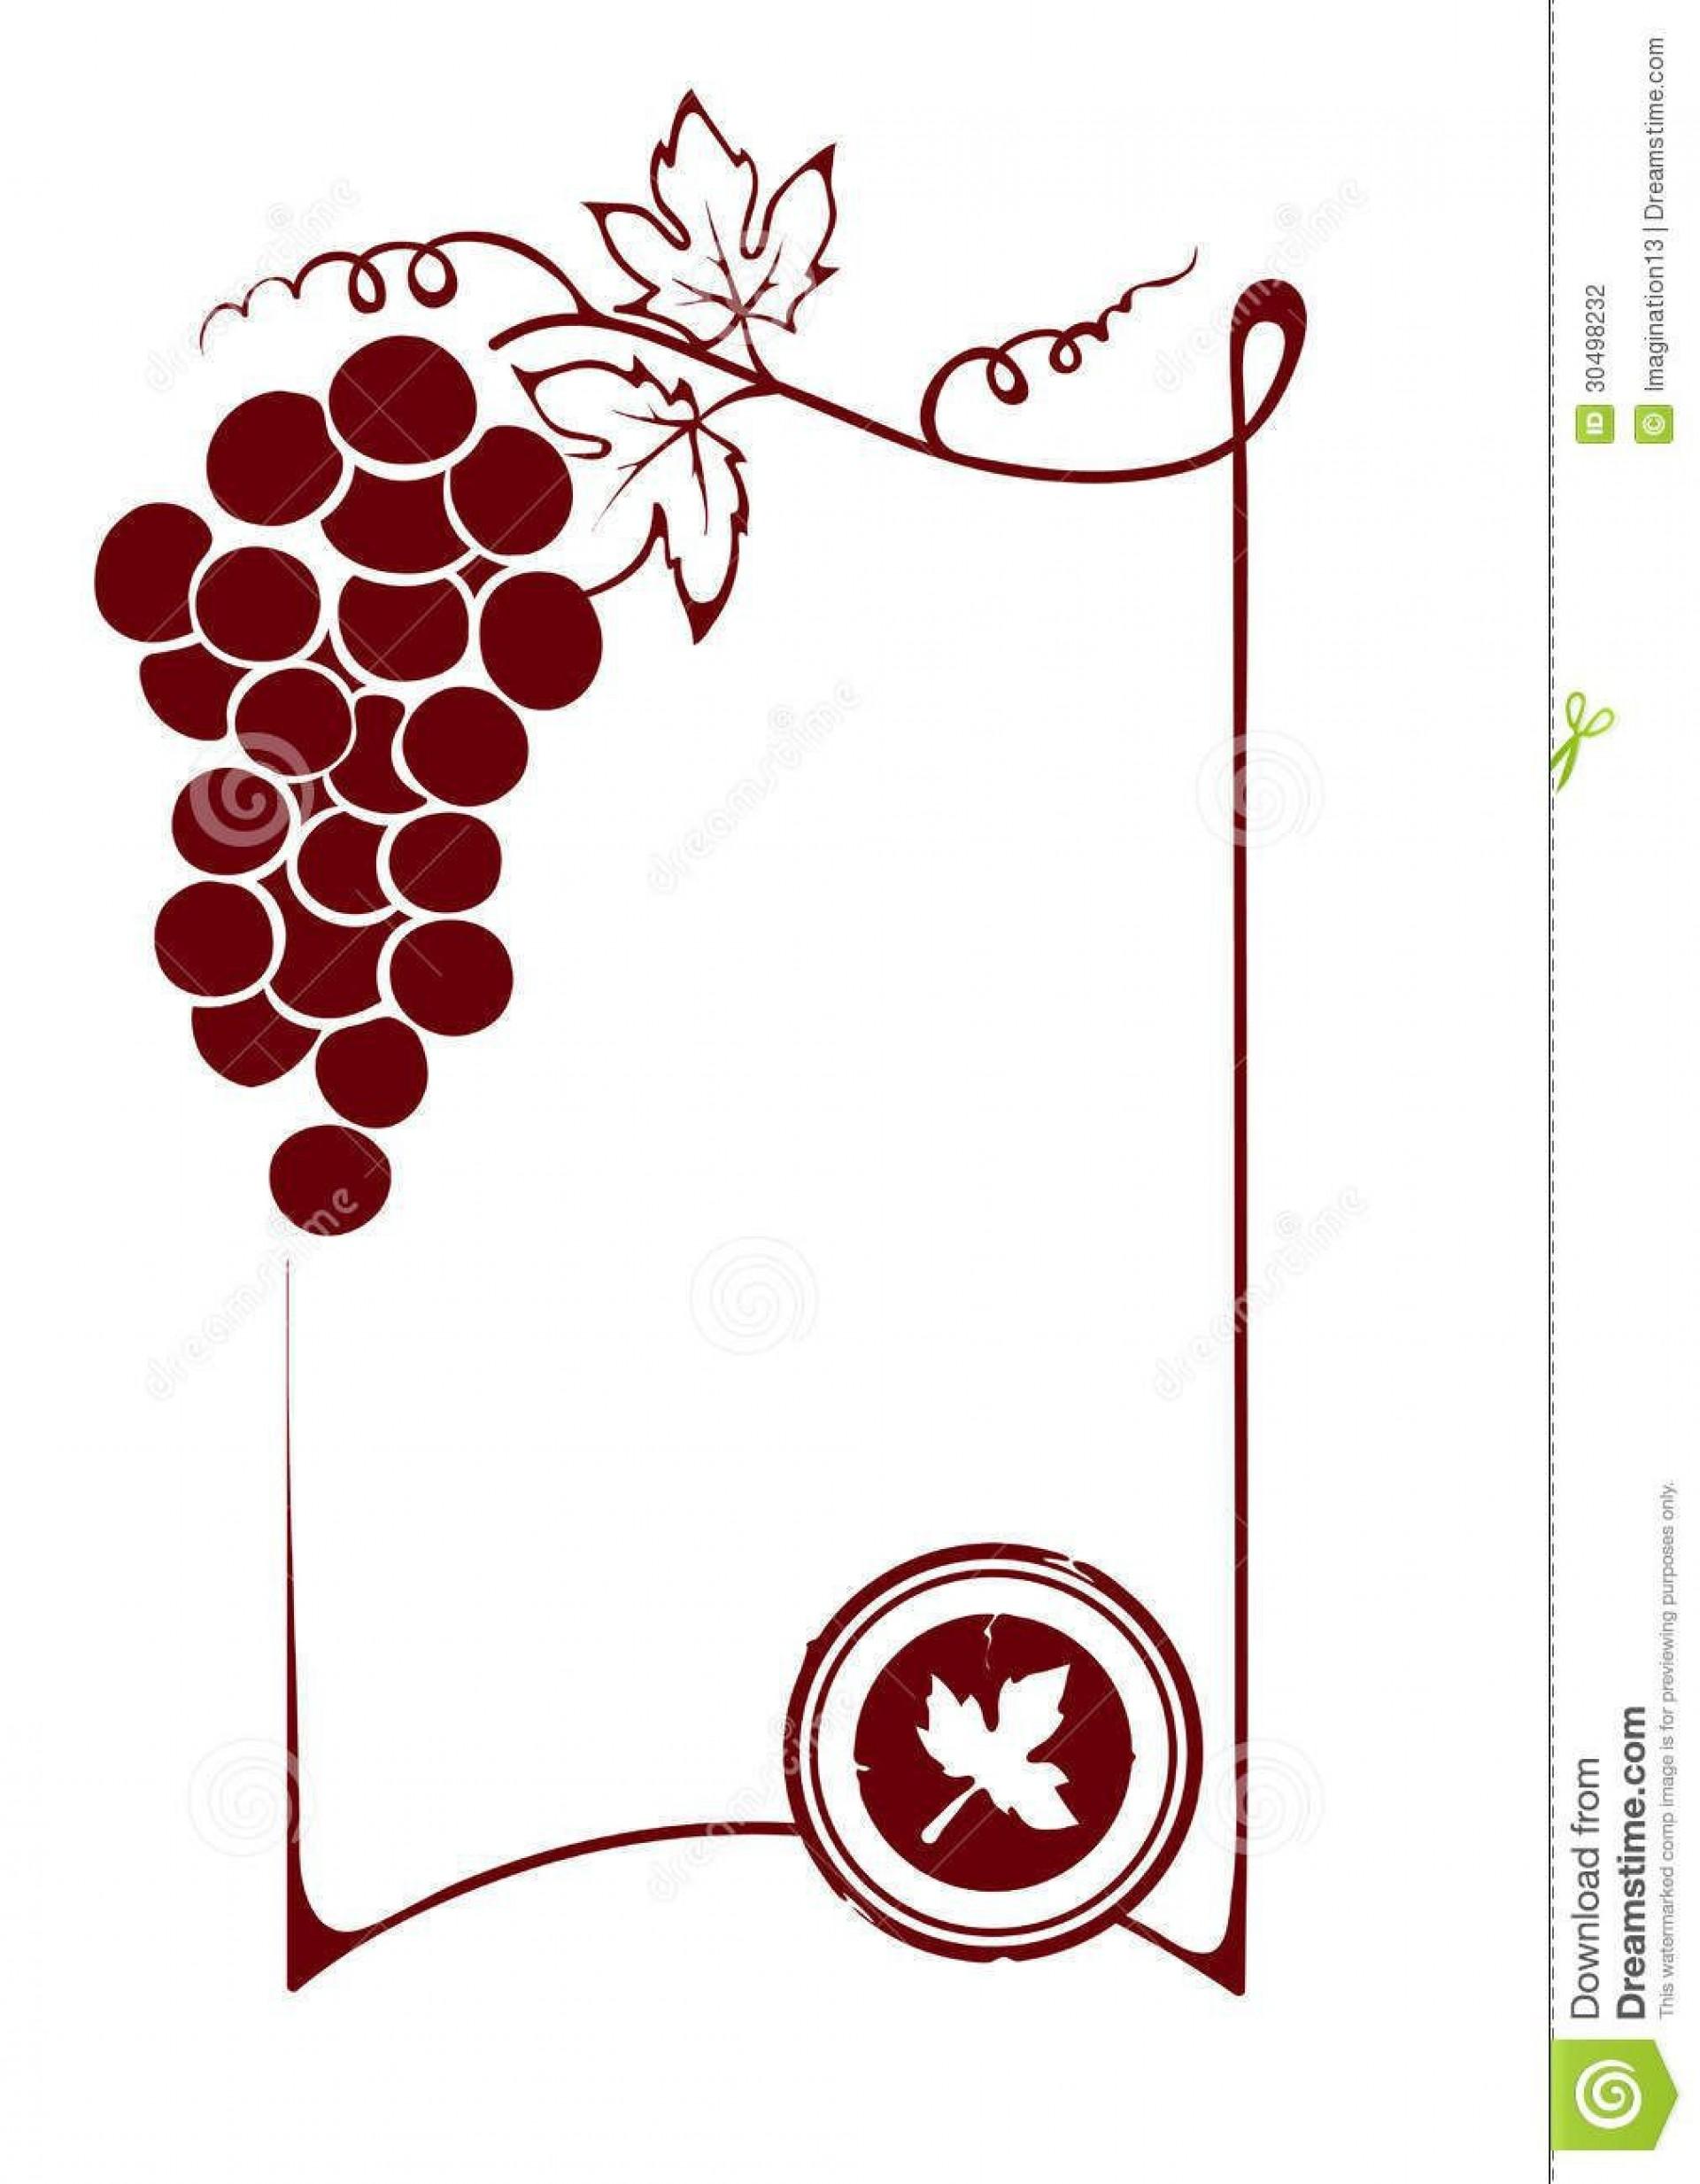 004 Imposing Free Wine Label Template Idea  Online Custom Downloadable Bottle1920